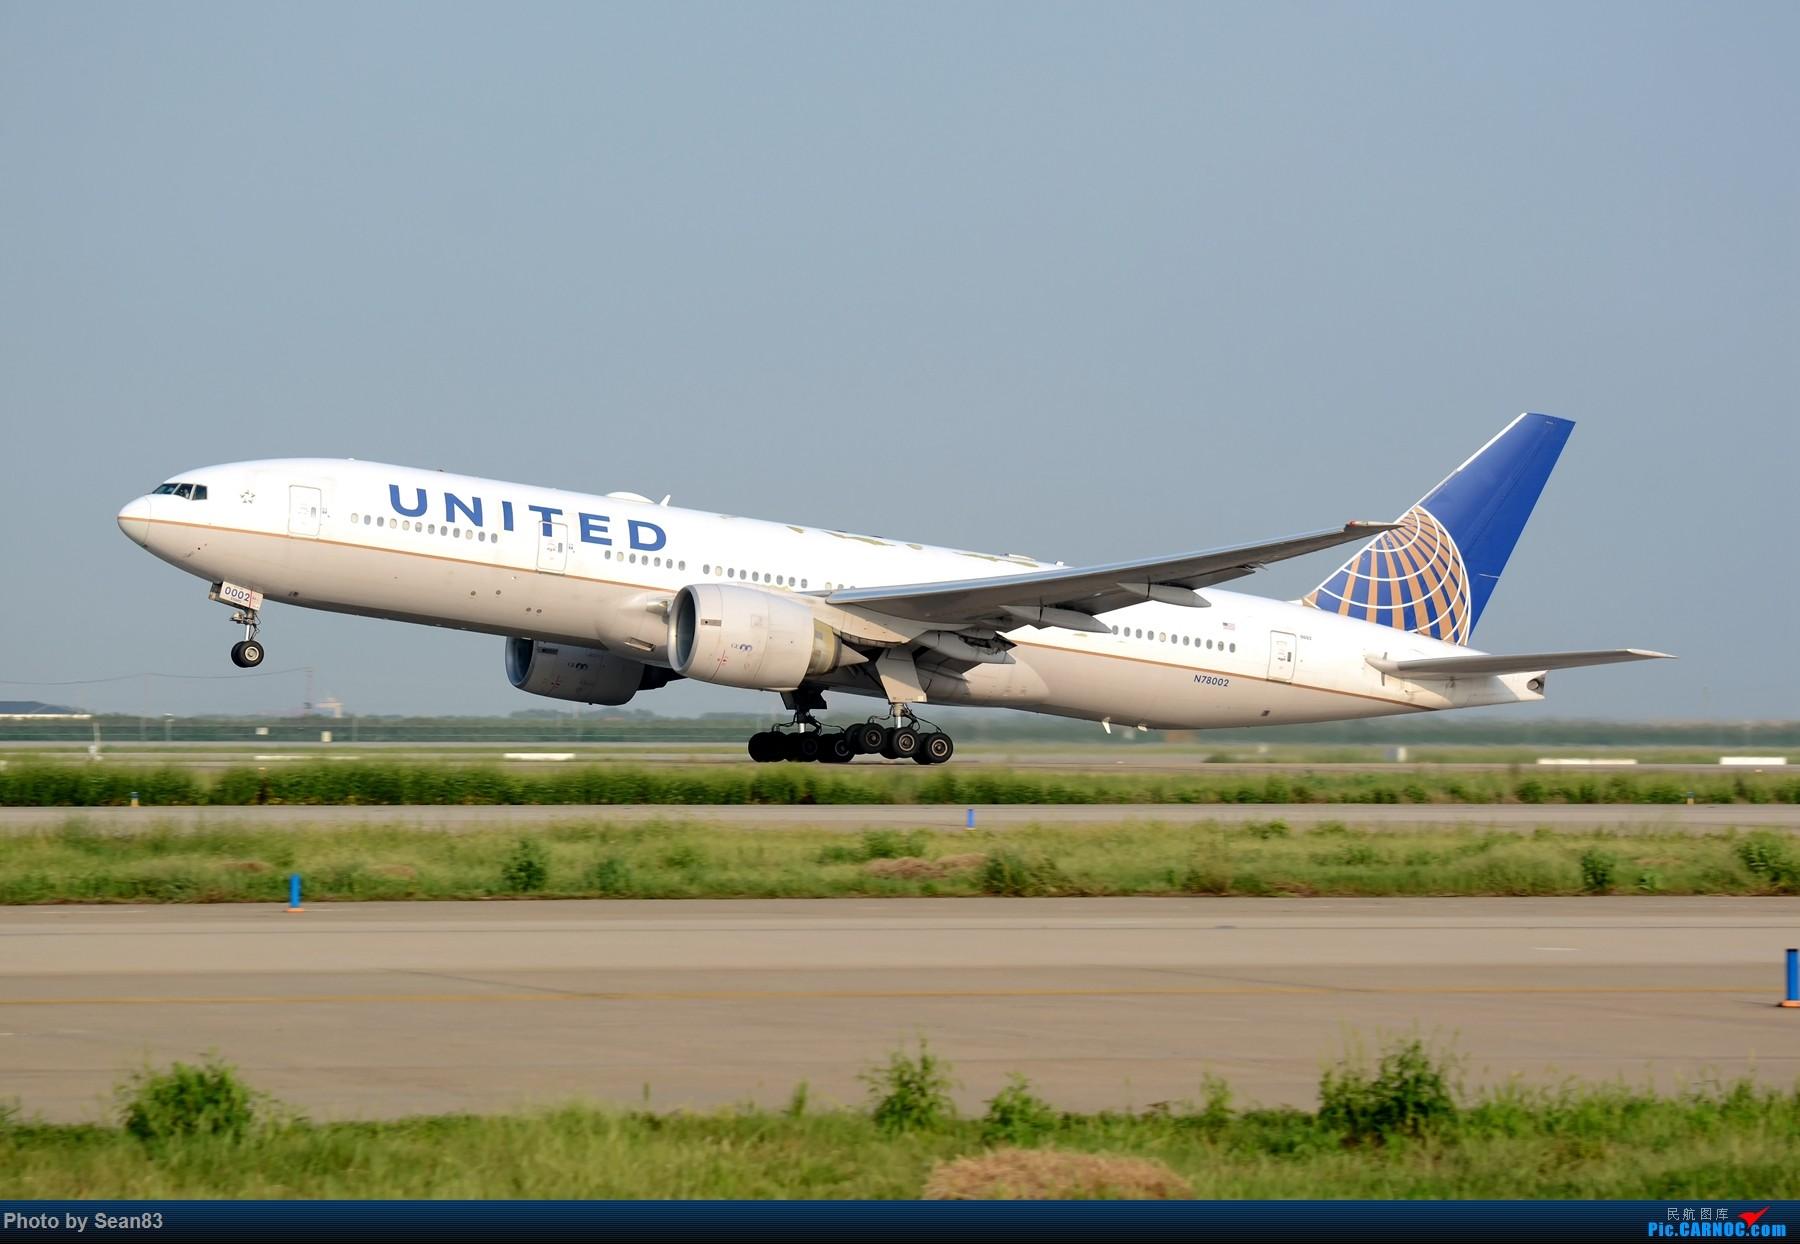 [原创](PVG 1800*) 美联航777-200er 拉起 BOEING 777-200ER N78002 上海浦东国际机场